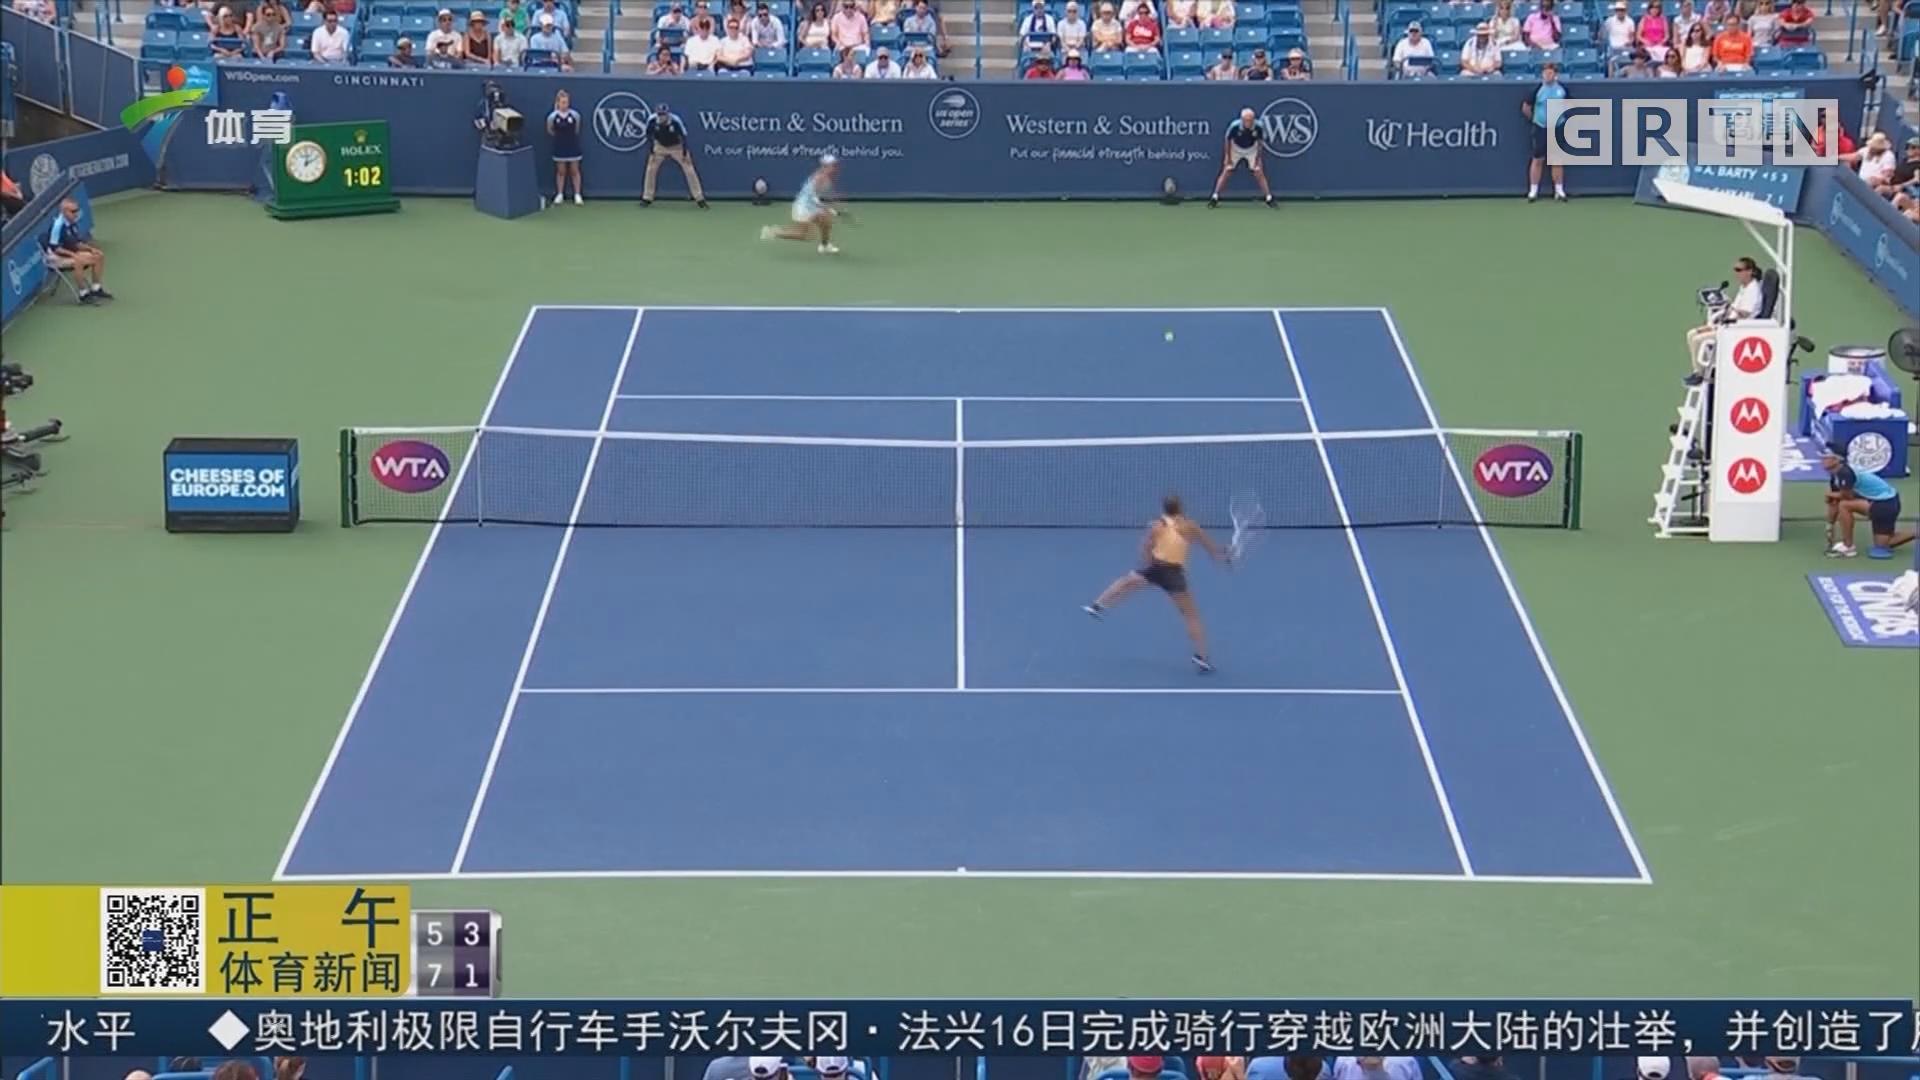 WTA辛辛那提网球赛 巴蒂逆转晋级半决赛